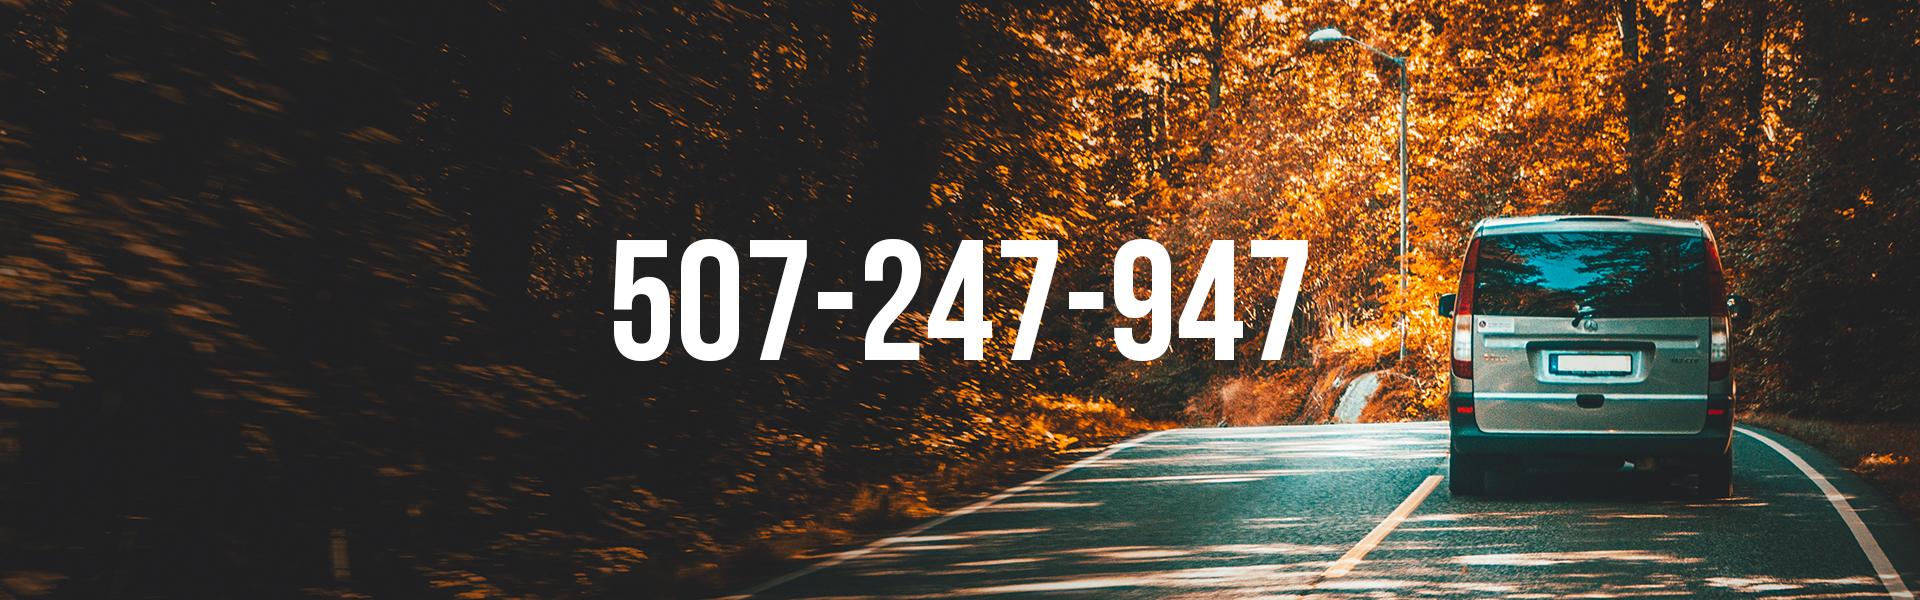 Pruszków Taxi – Zamów 507 247 947